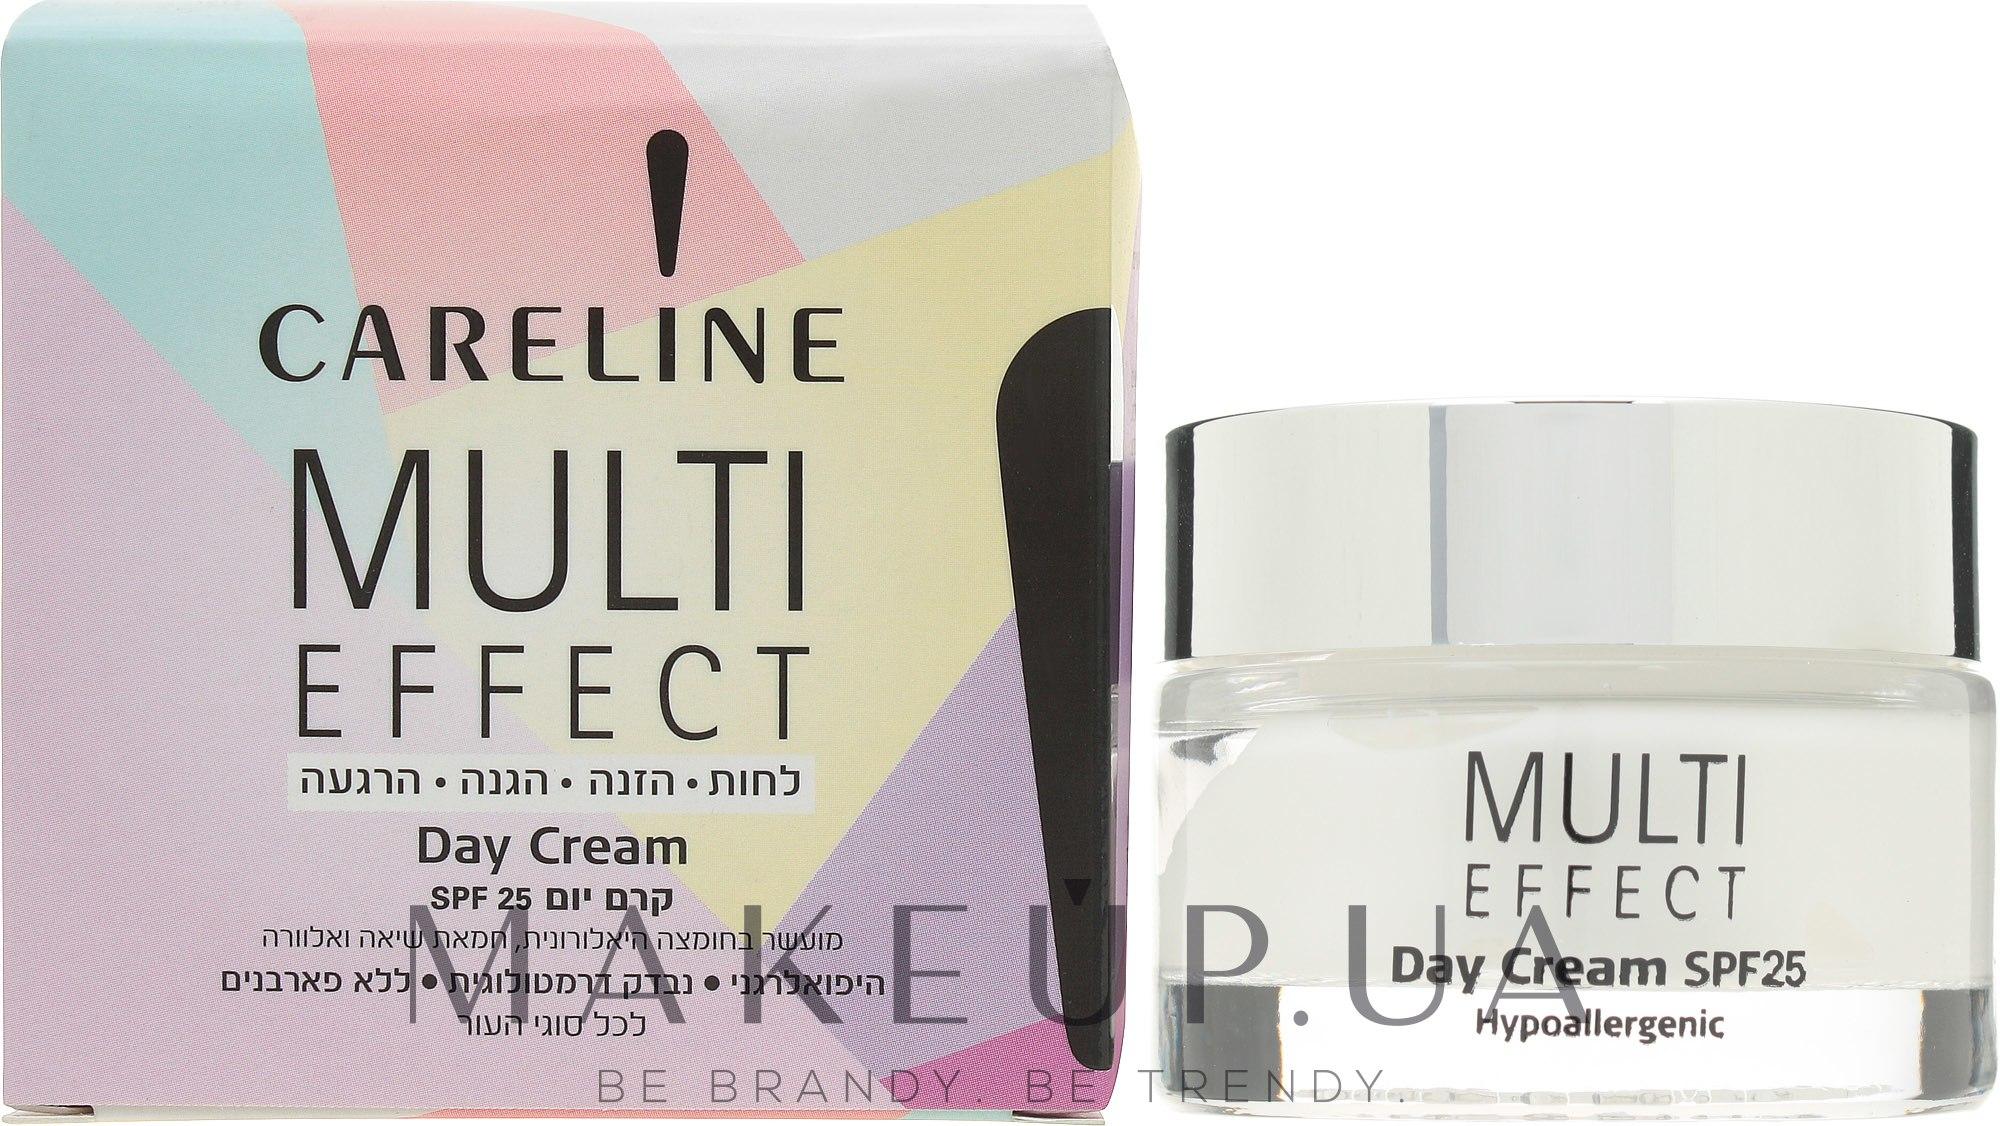 MAKEUP | Отзывы о Дневной крем для лица и шеи - Careline Multi Effect